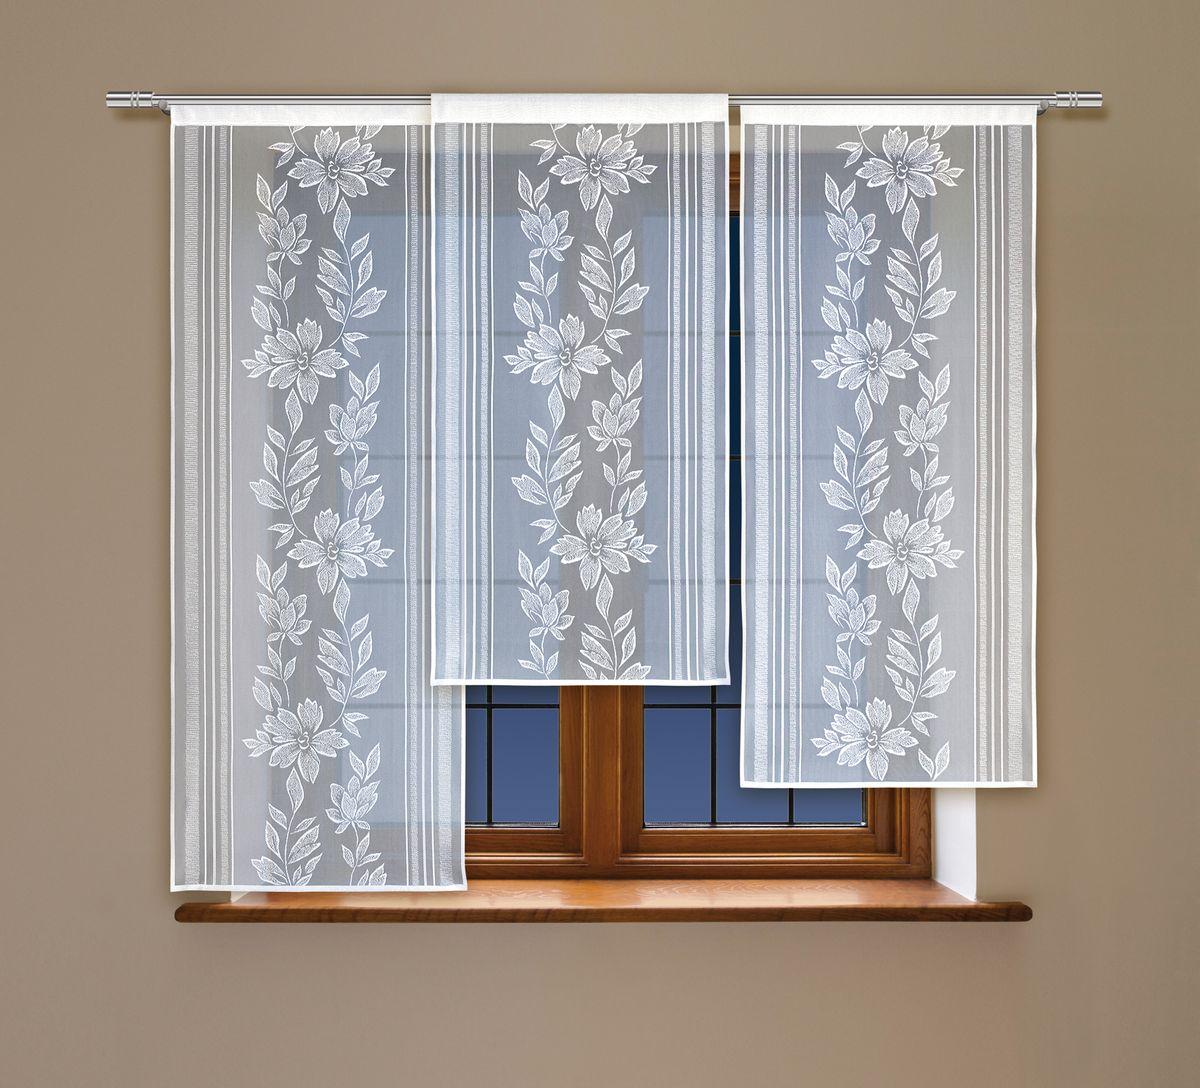 Комплект гардин Haft, на кулиске, цвет: белый, 3 шт. 212050212050Воздушные гардины Haft великолепно украсят любое окно. Комплект состоит из трех гардин, выполненных из полиэстера.Изделие имеет оригинальный дизайн и органично впишется в интерьер помещения.Комплект крепится на карниз при помощи кулиски.Размеры гардин: 160 х 60 см; 140 х 60 см; 120 х 60 см.